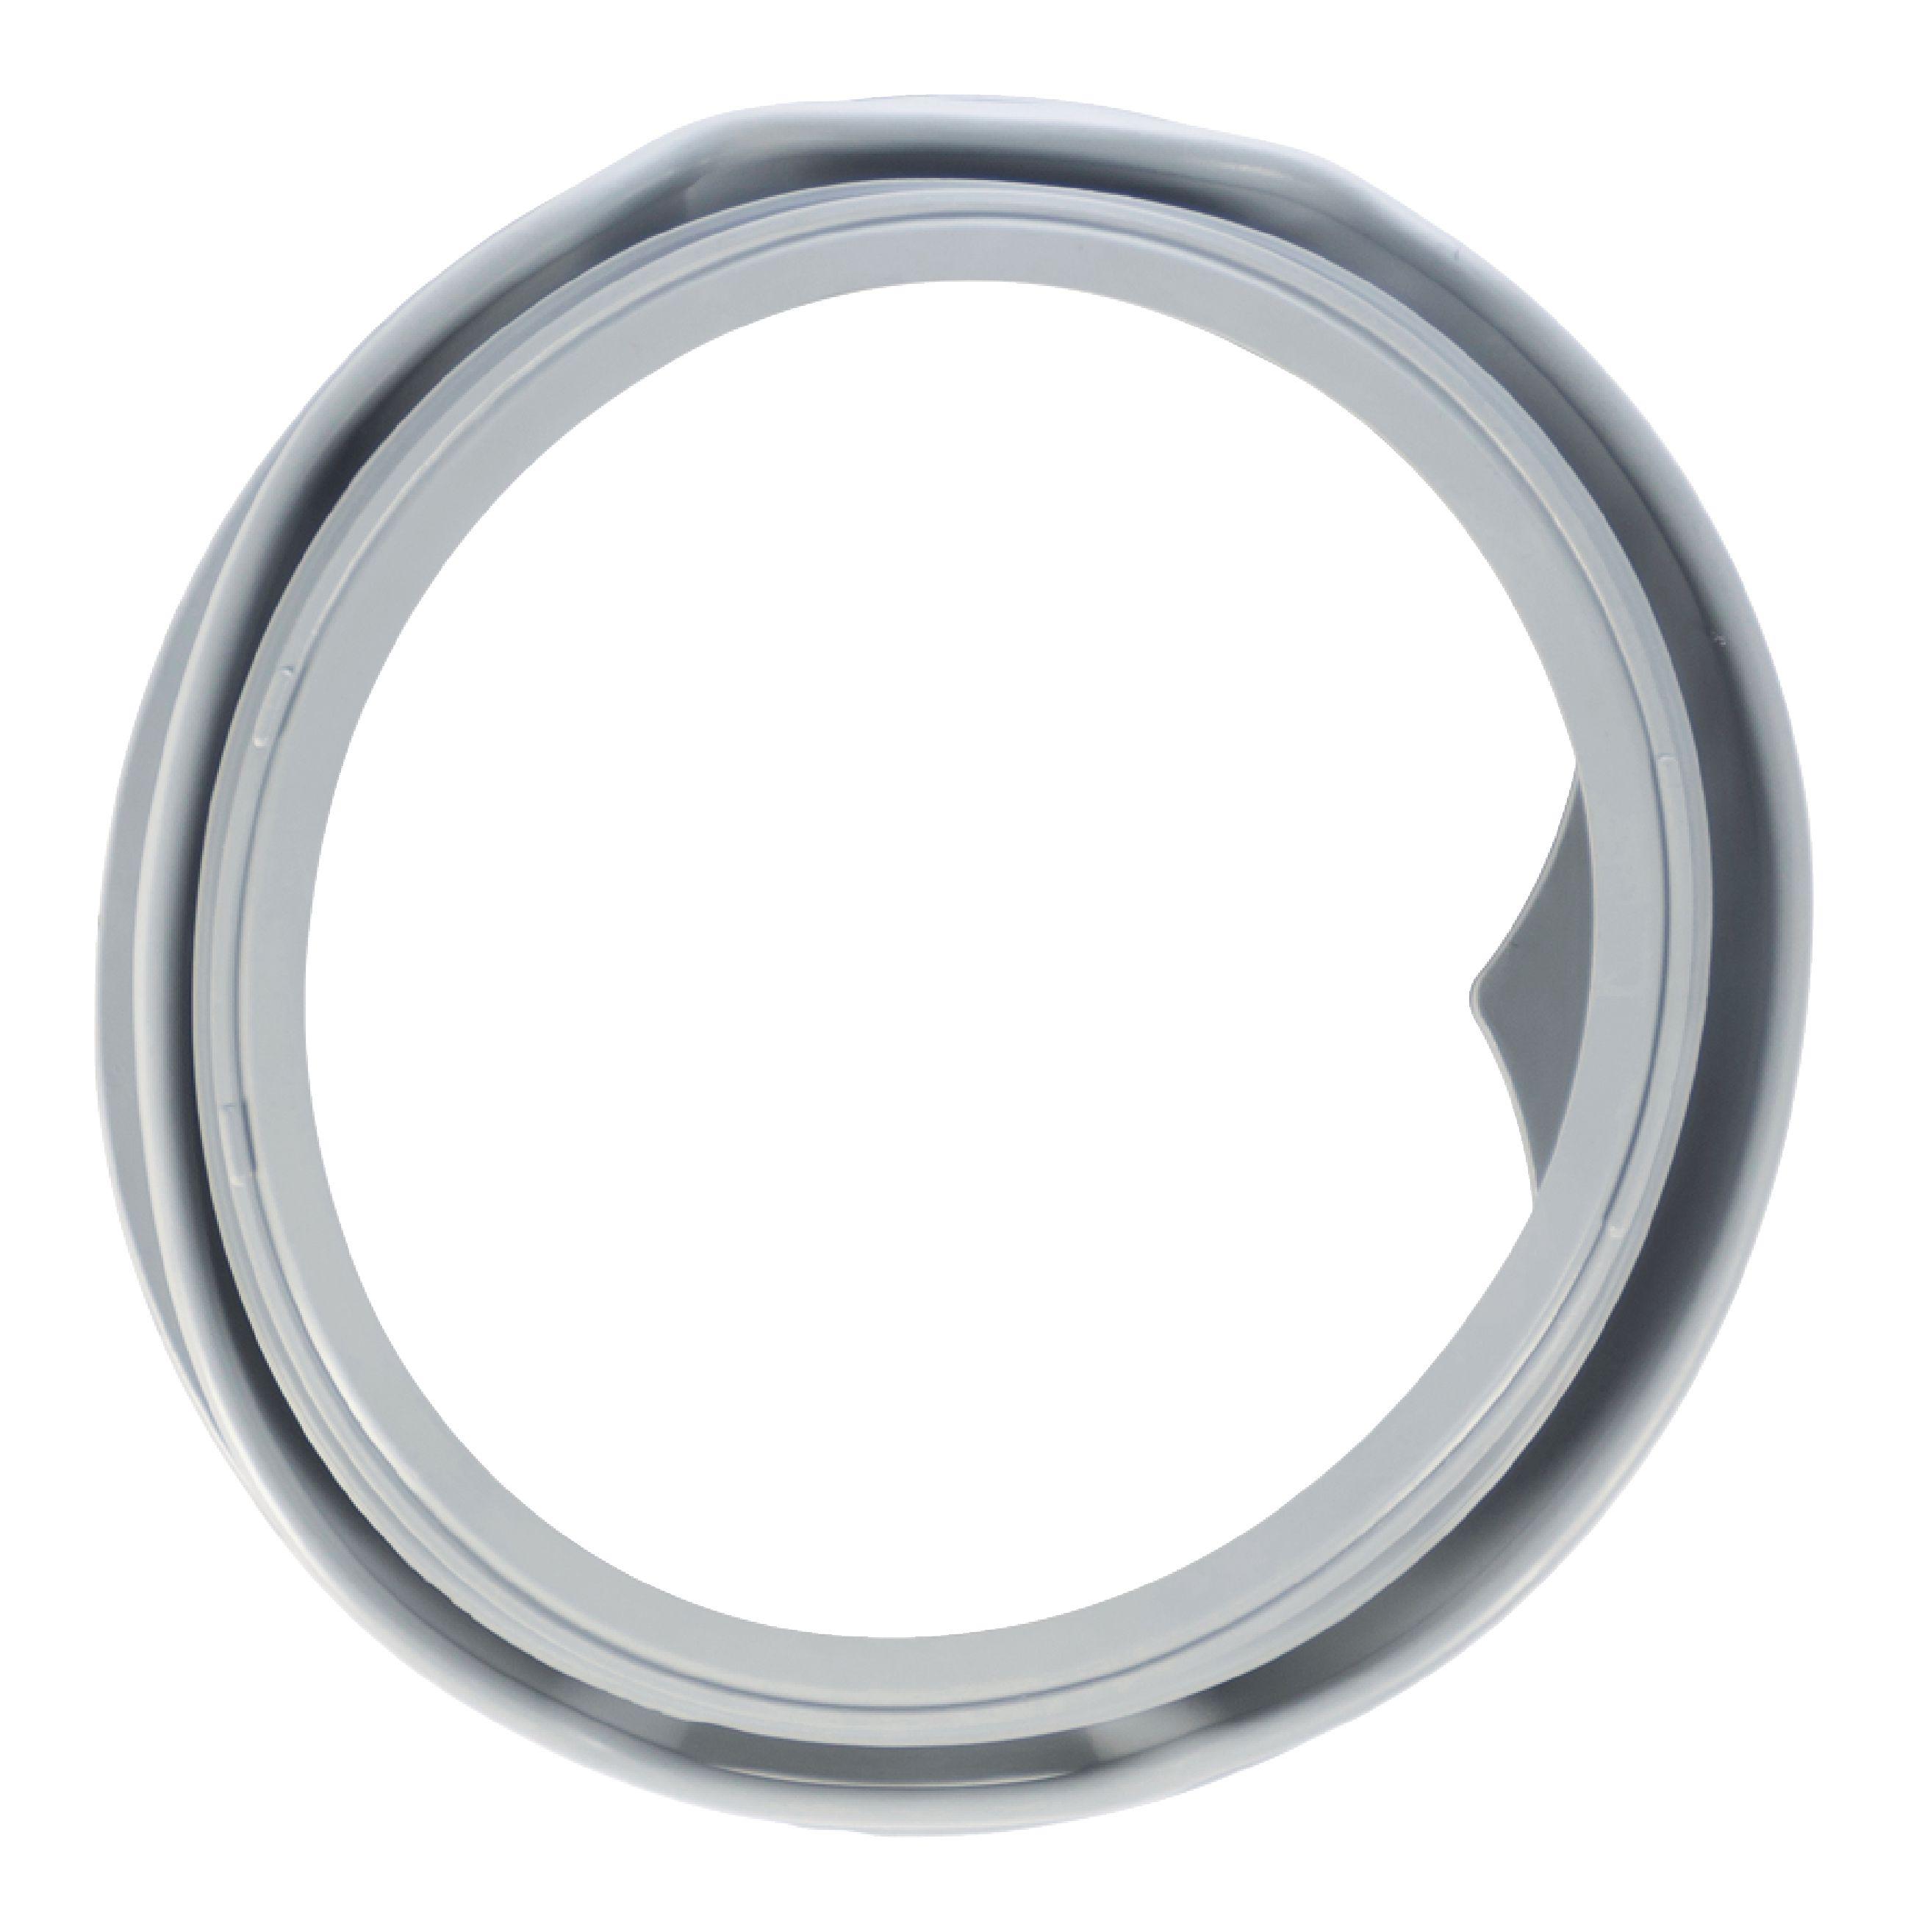 Těsnění dveří pračky - manžeta Whirlpool 480111100188